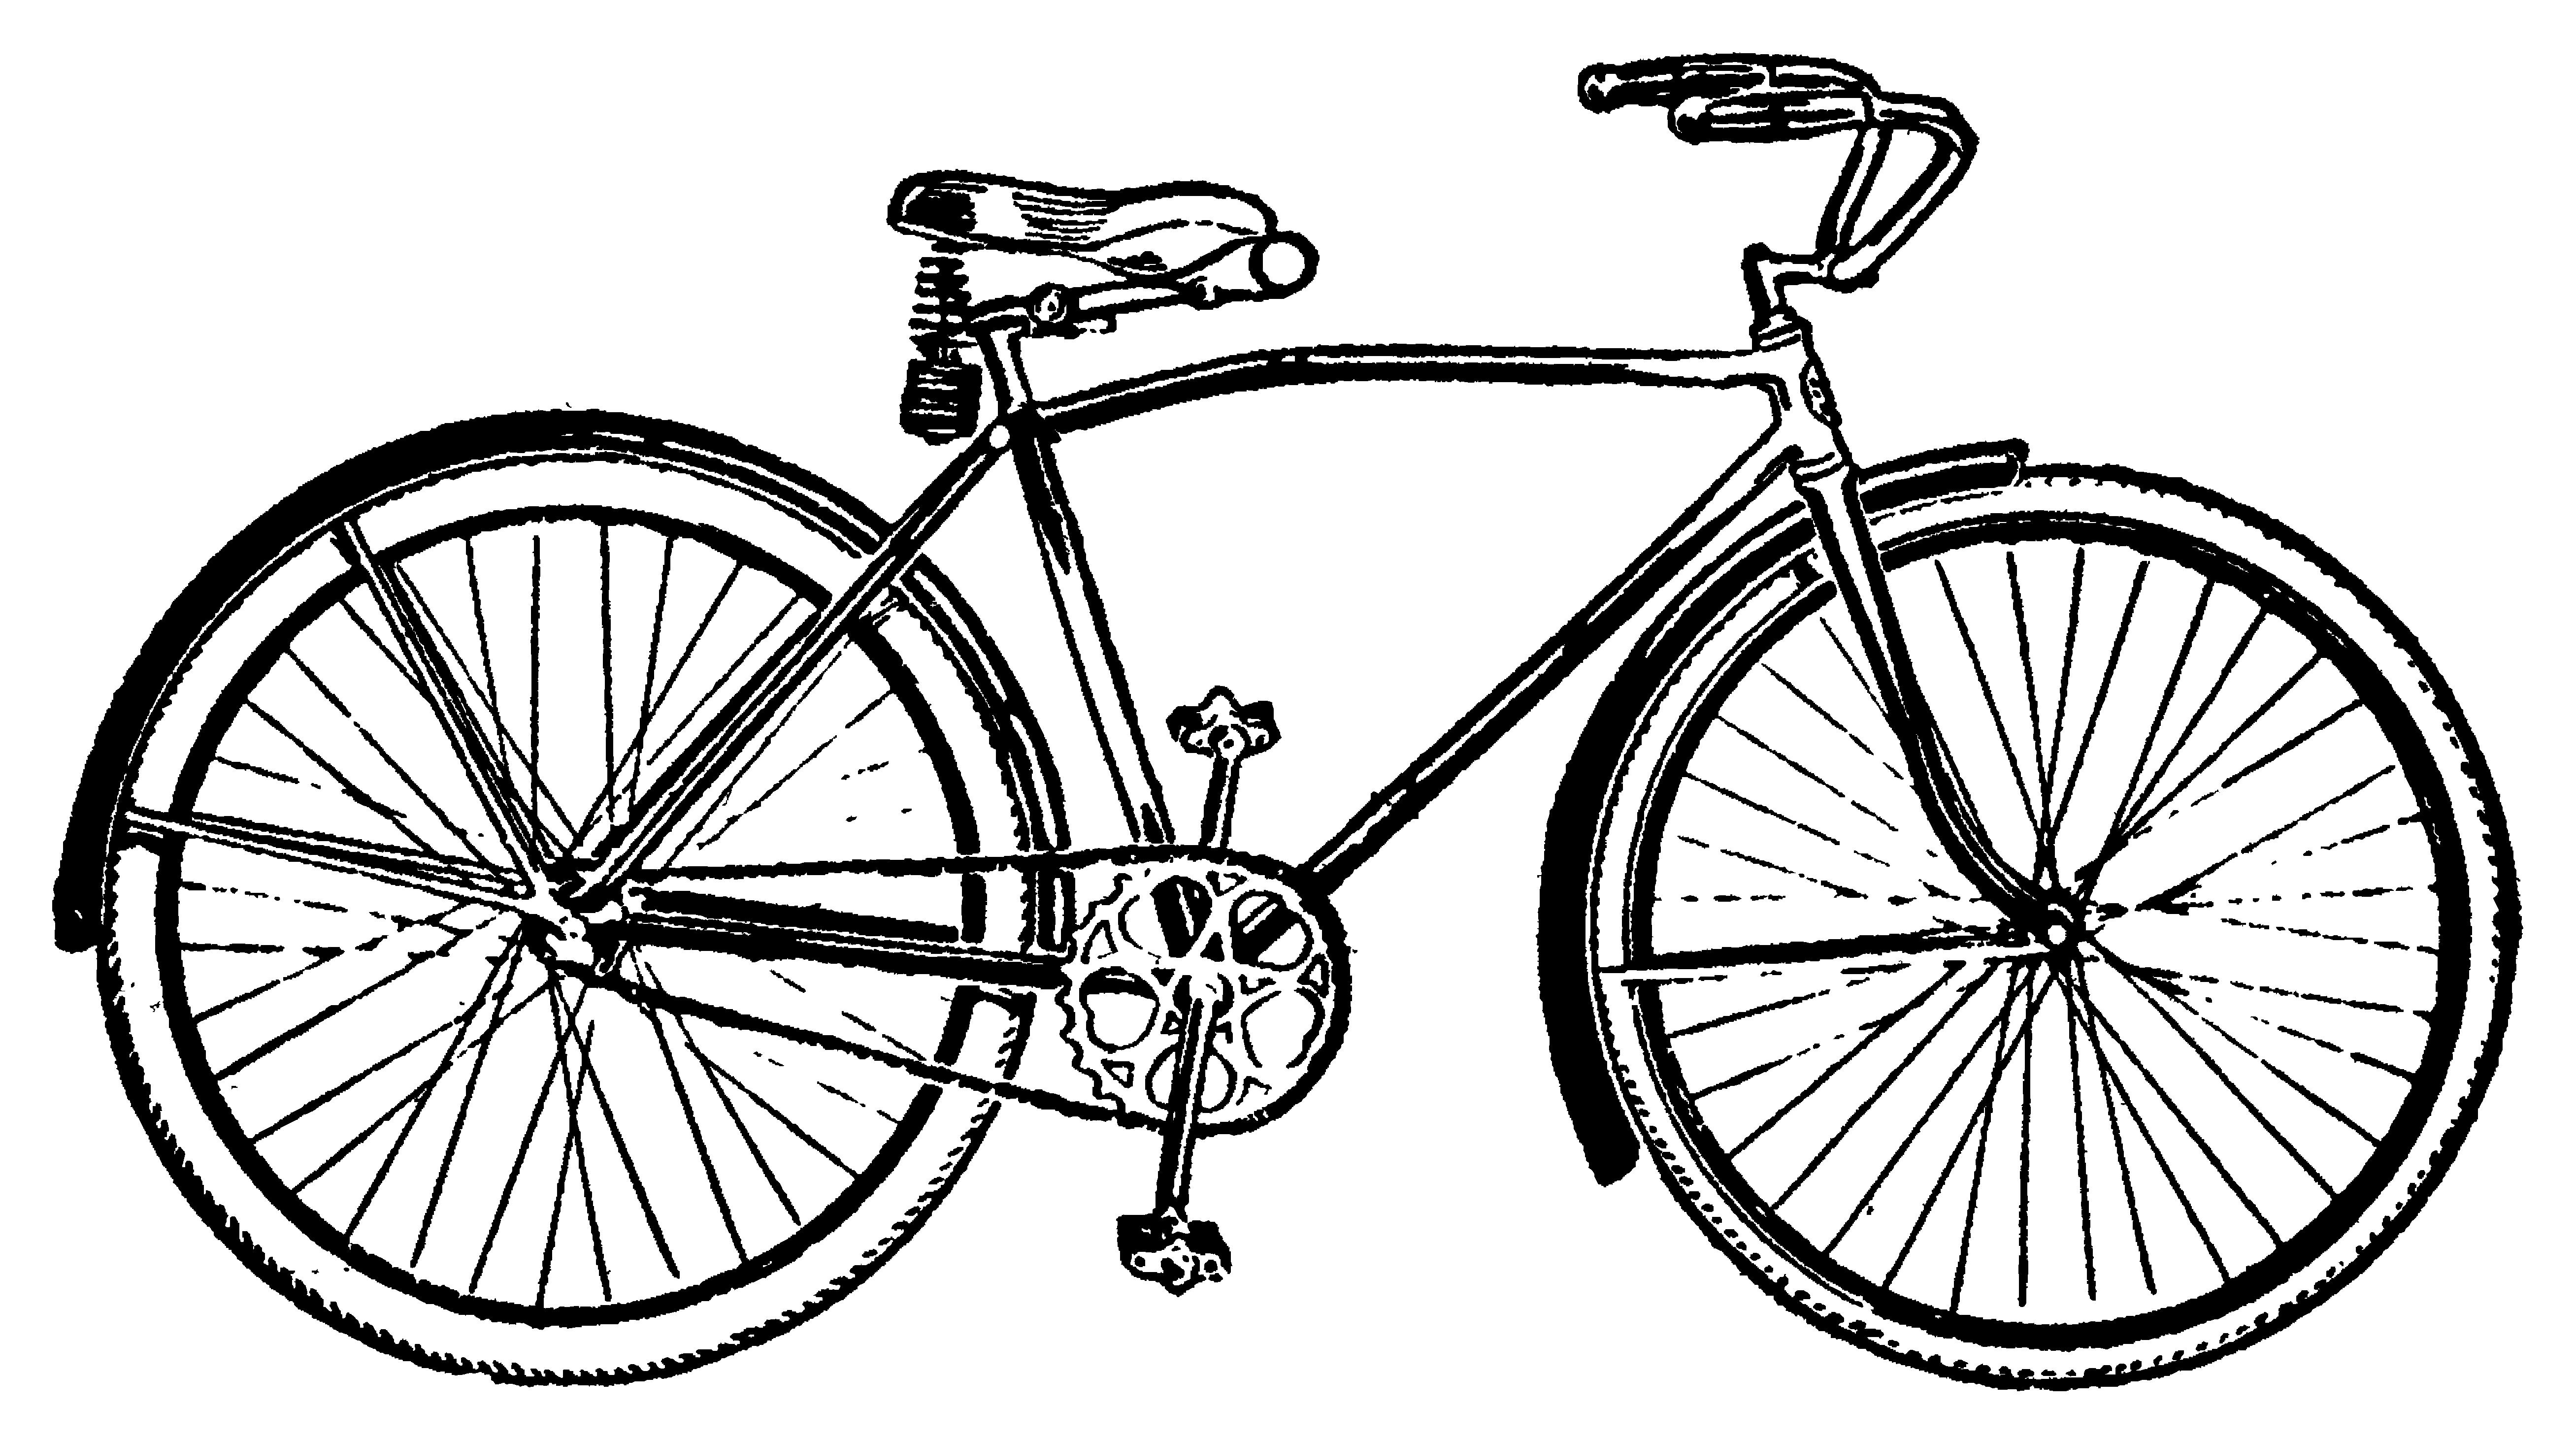 Bike Vintage Bicycle Clip Art .-Bike vintage bicycle clip art .-9